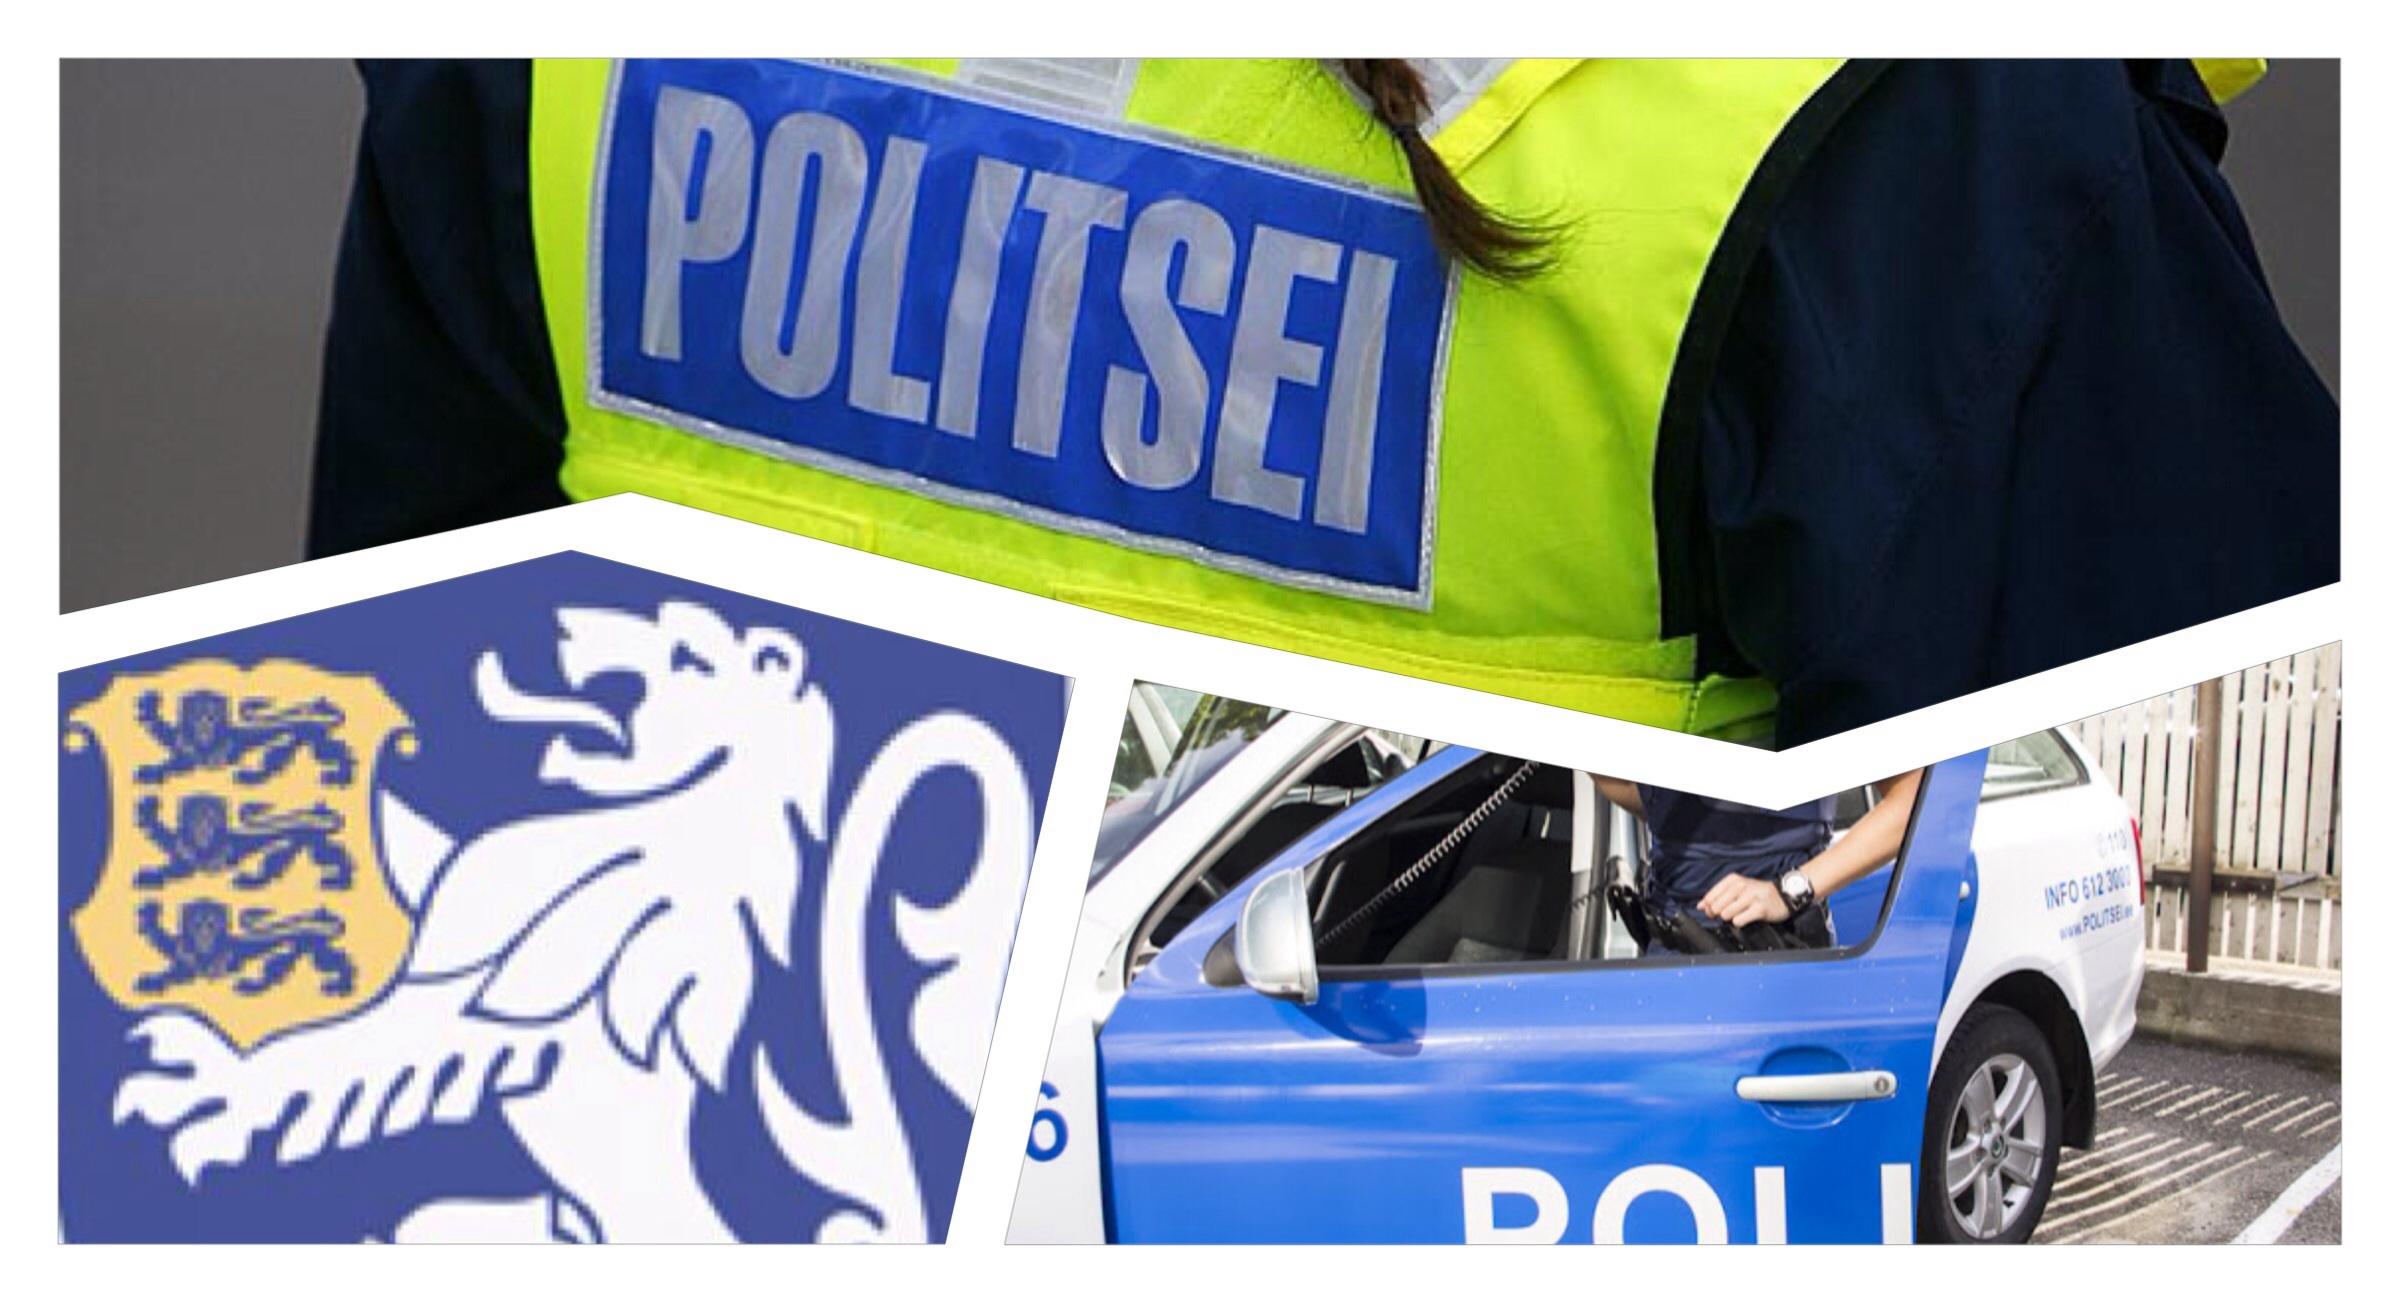 Politsei: Lääne-Nigulas ja Läänerannas läksid mehed kaklema